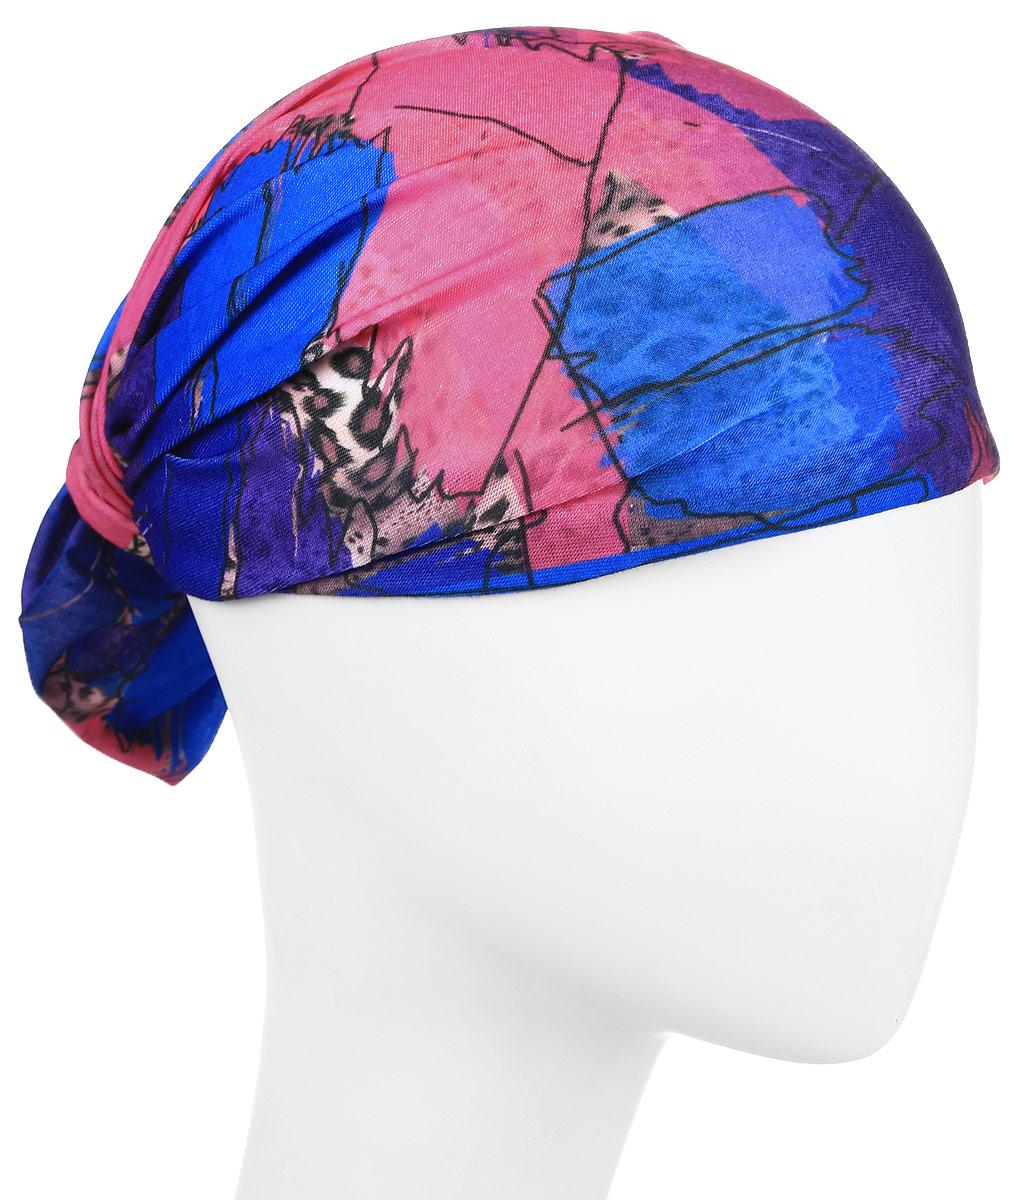 Повязка на головуPoY100223Повязка на голову из хлопка с полиэстером в яркой цветовой гамме. Размер универсальный. Различные варианты носки.